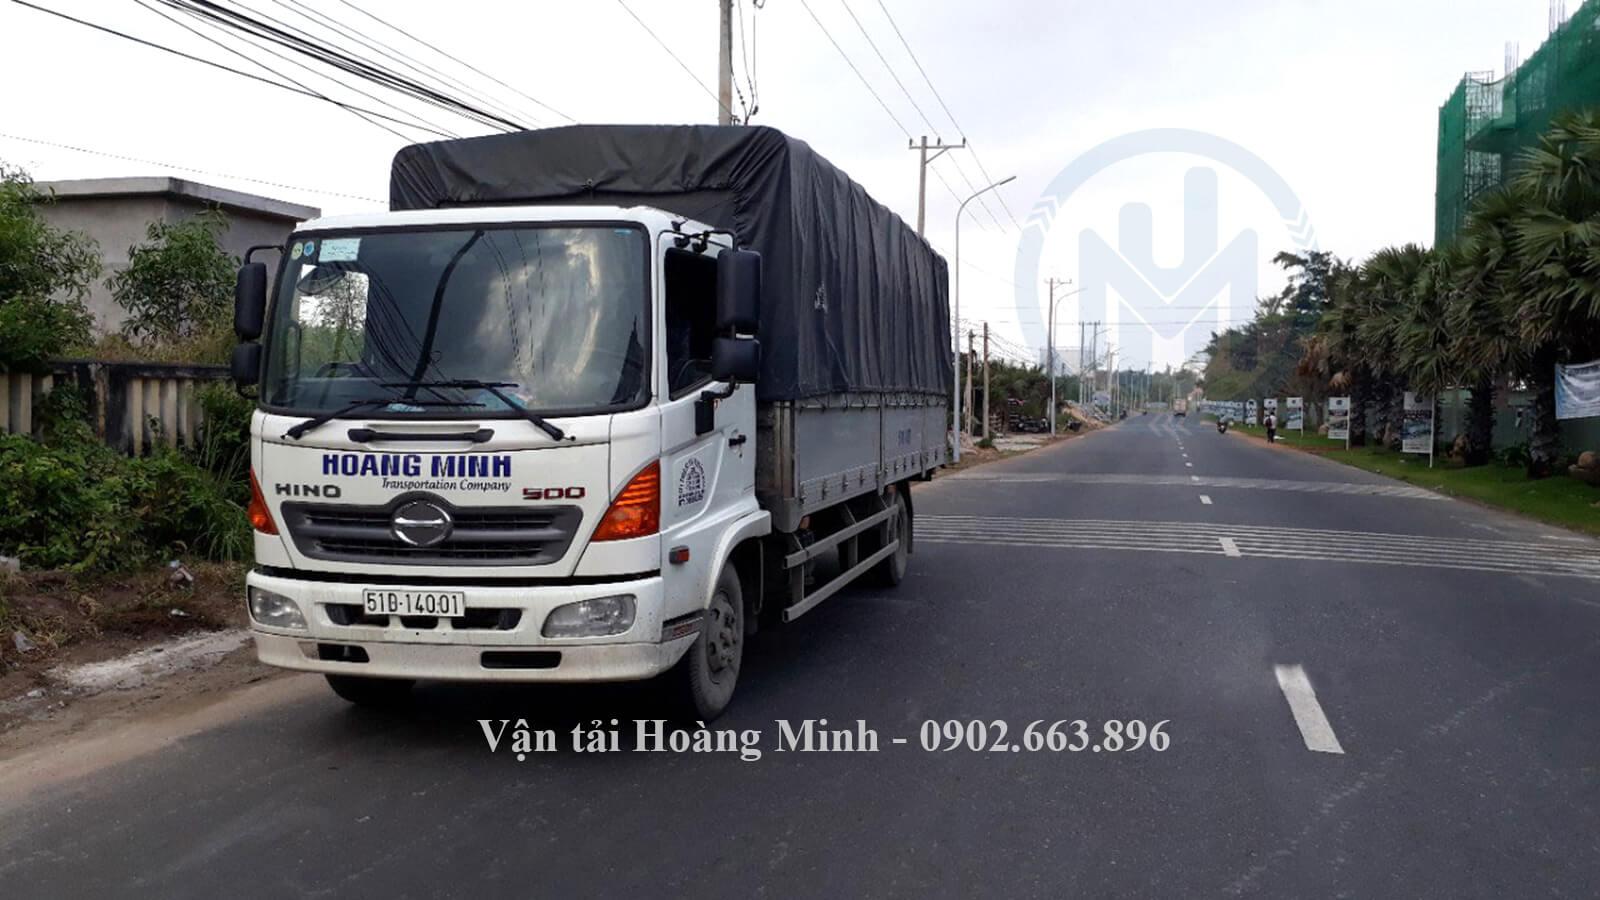 Vận tải Hoàng Minh cho thuê xe tải chở hàng đi tỉnh